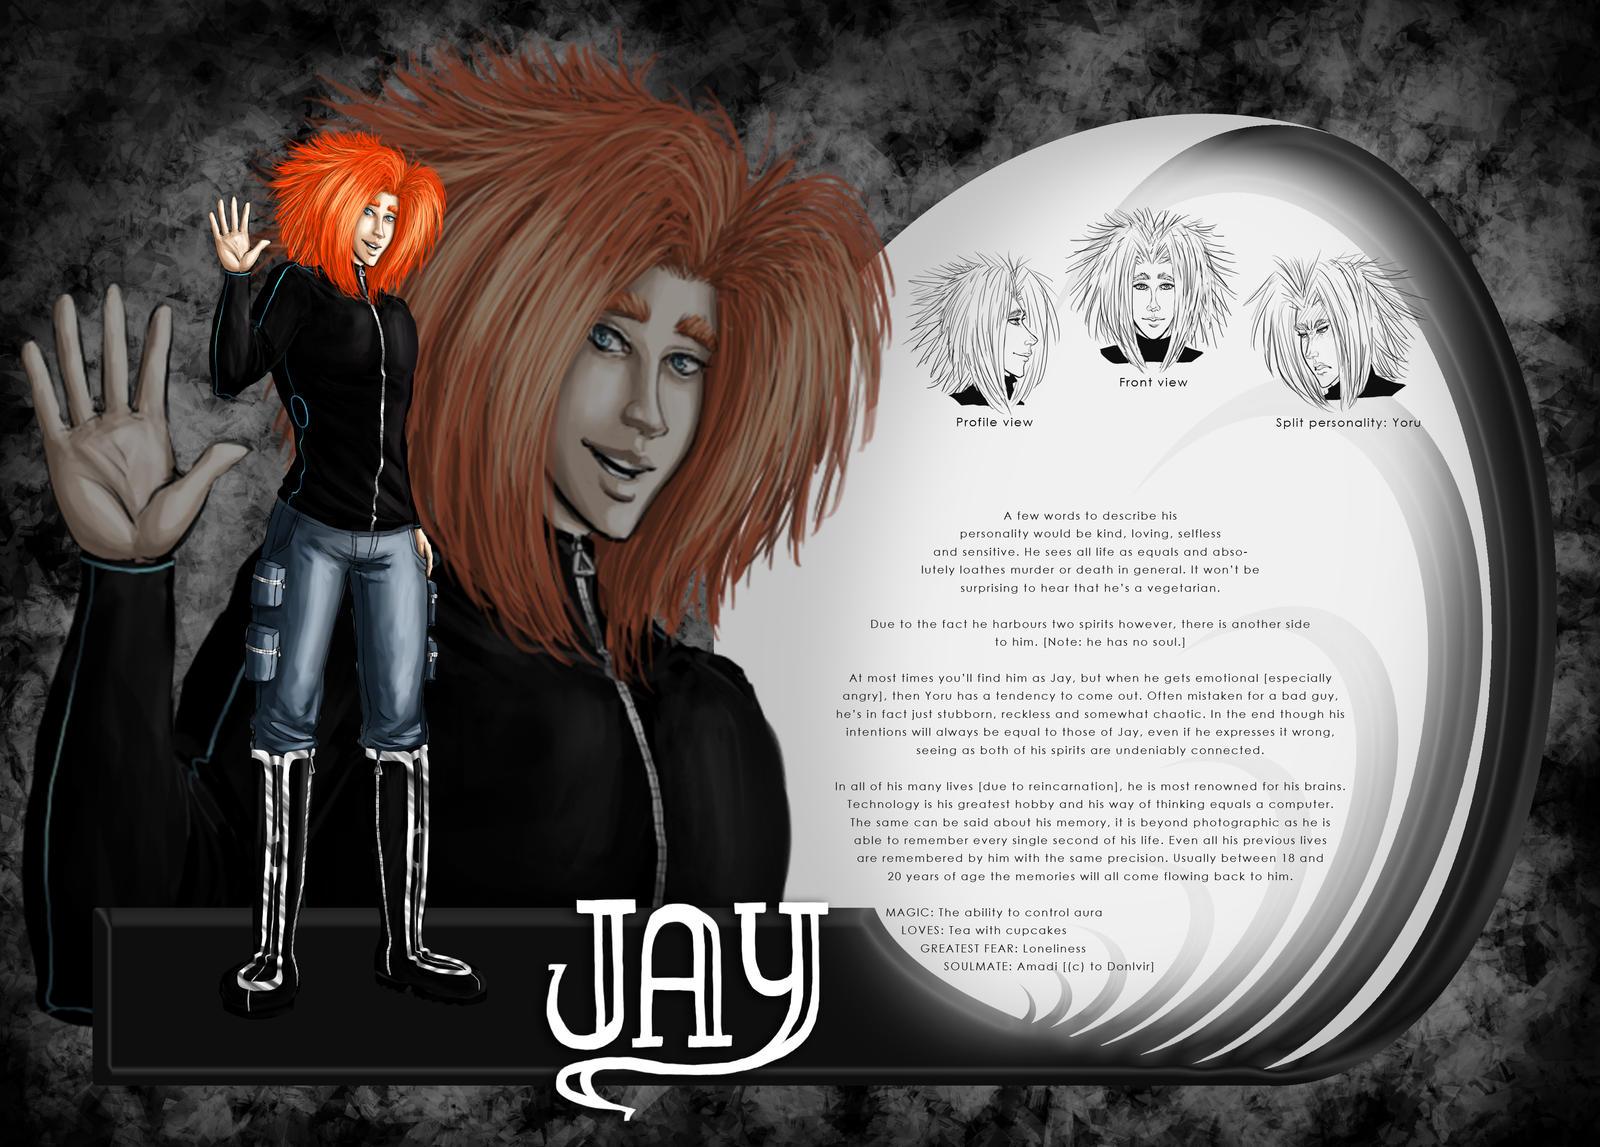 Jay ref 2013 by Sferath